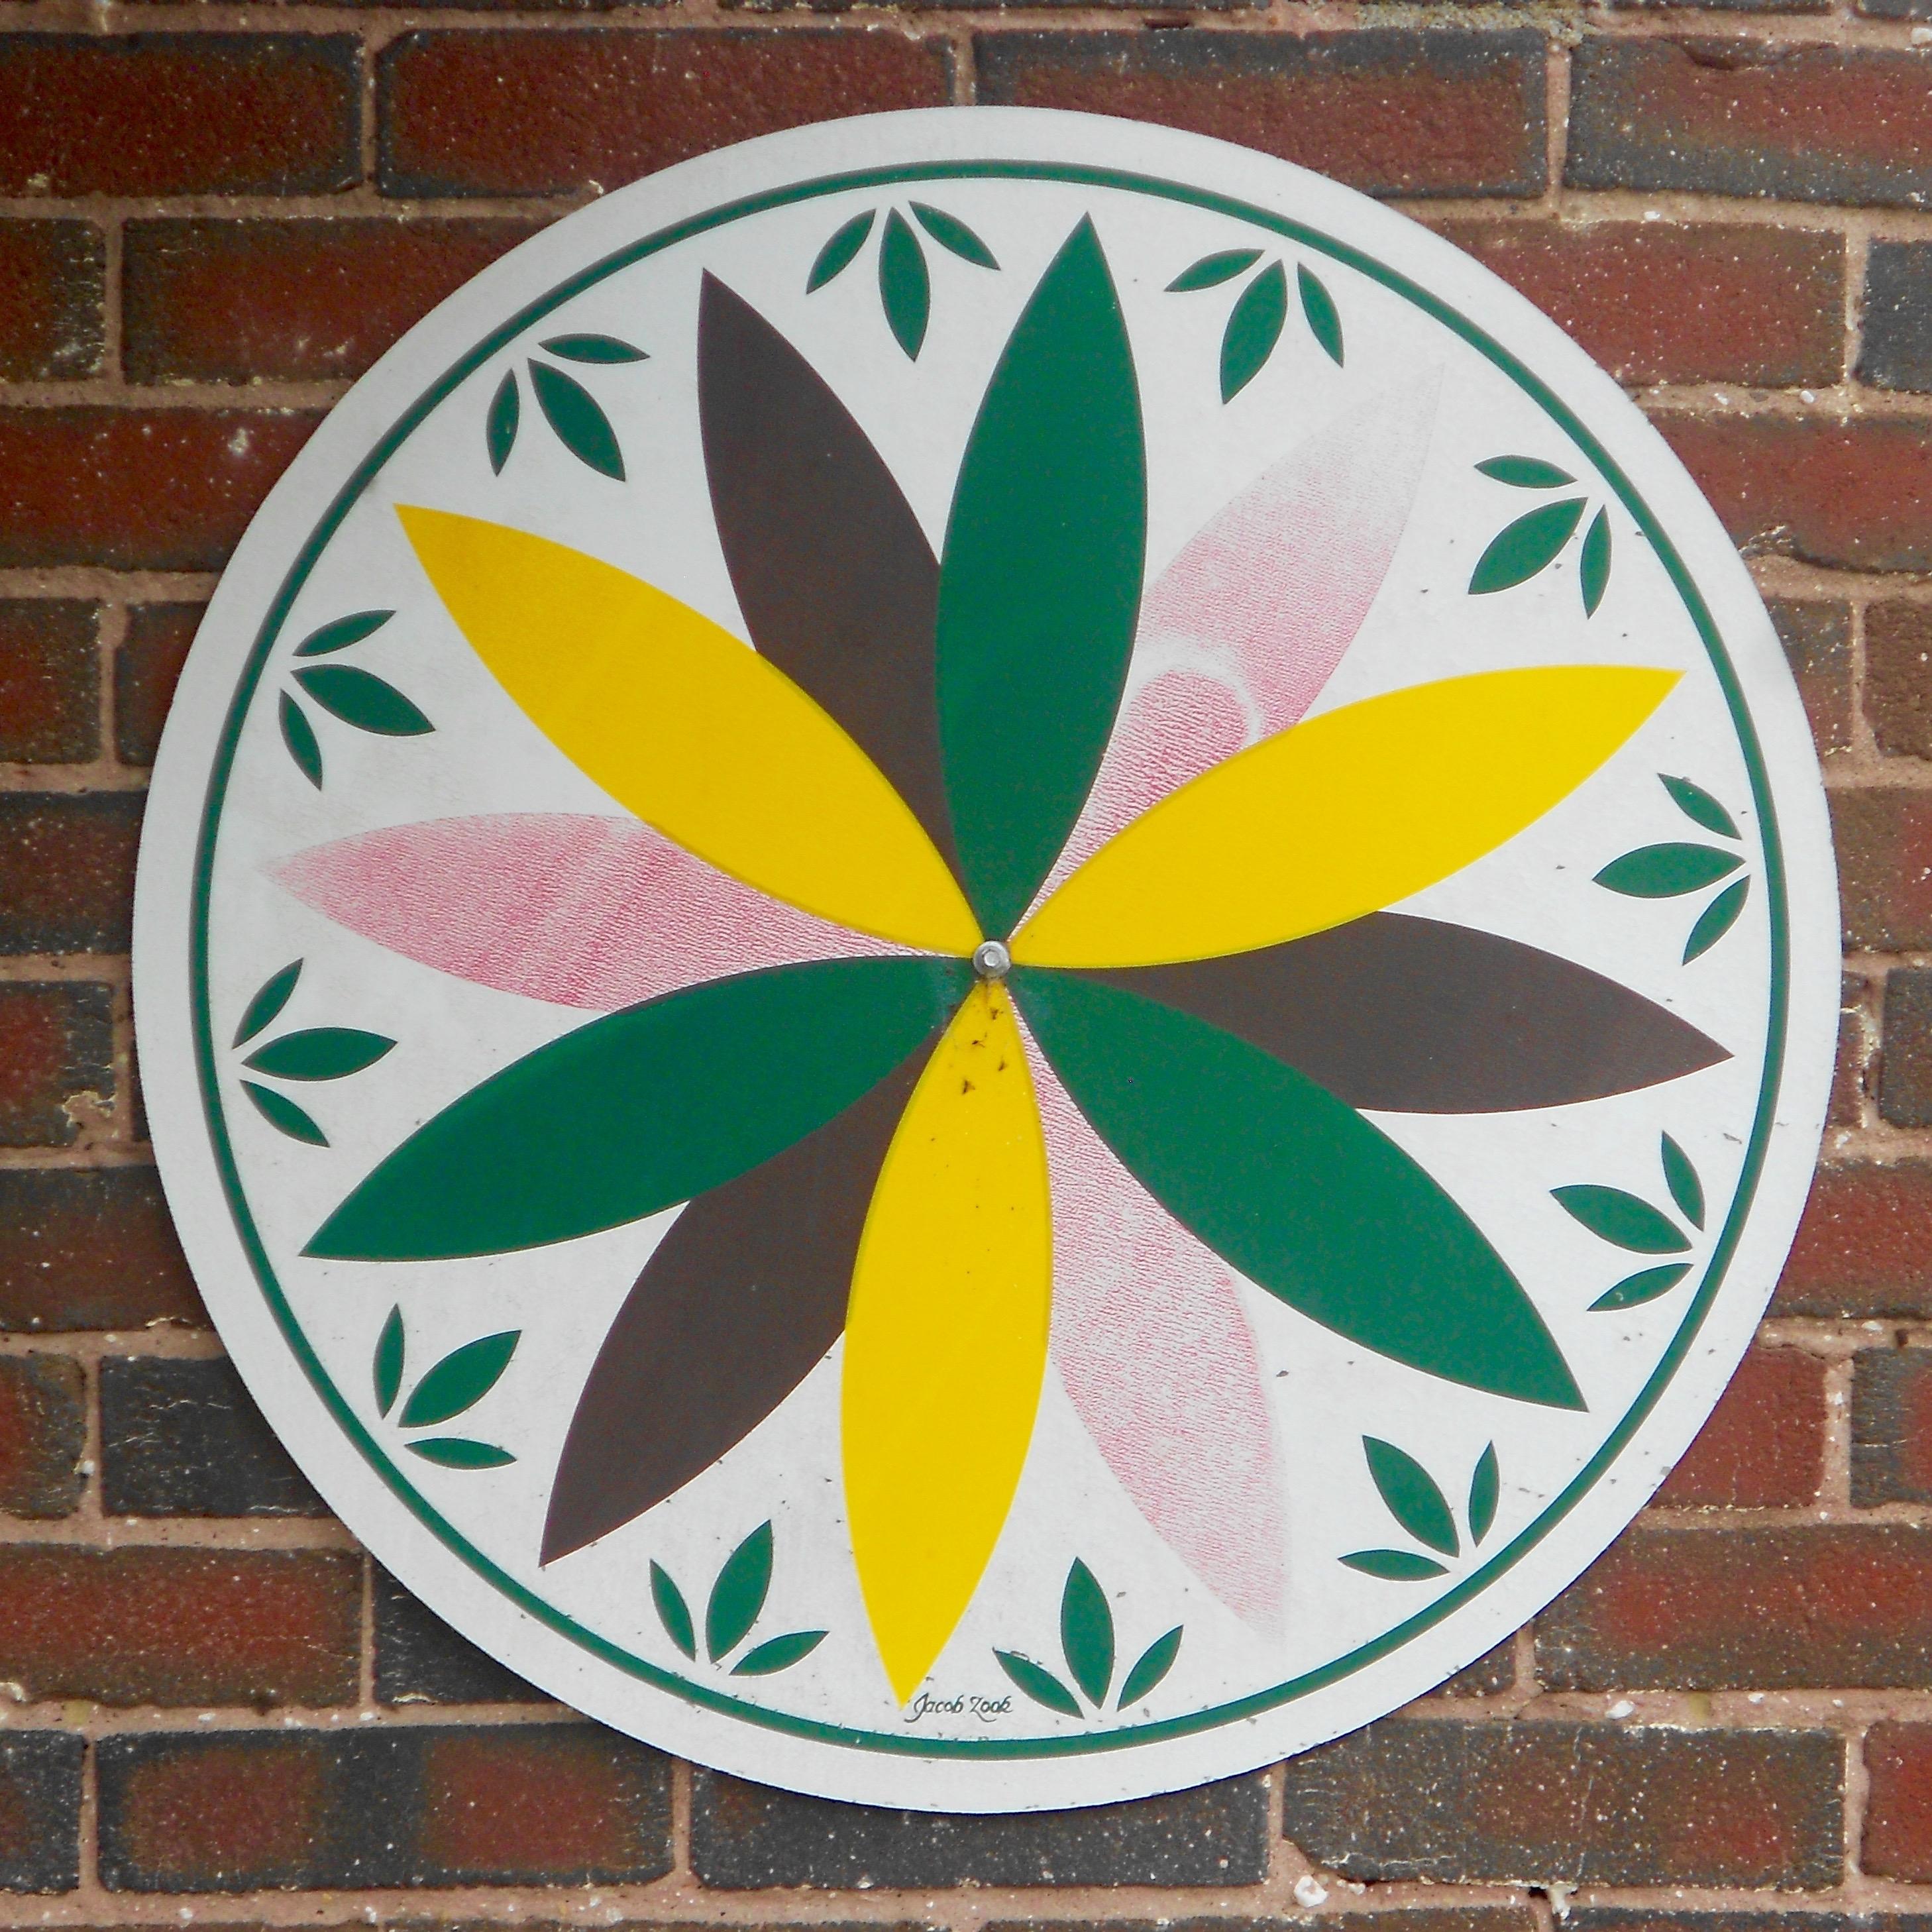 Hex sign, powwow, braucherei, Pensilvania